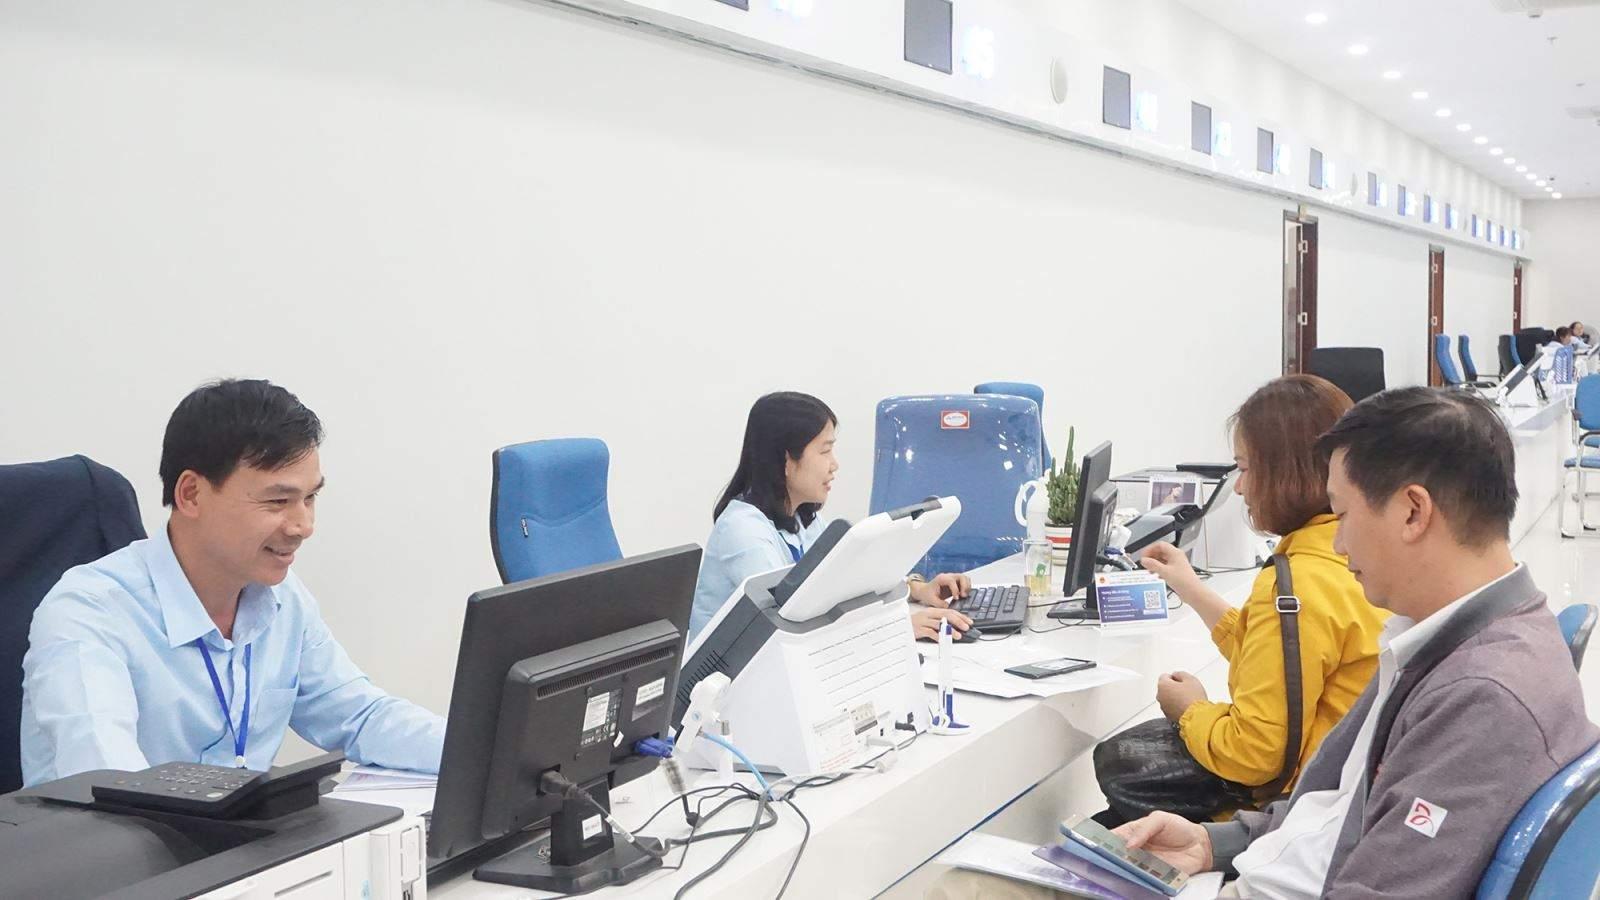 Cách mua bảo hiểm y tế ở Đà Nẵng đơn giản, nhanh chóng